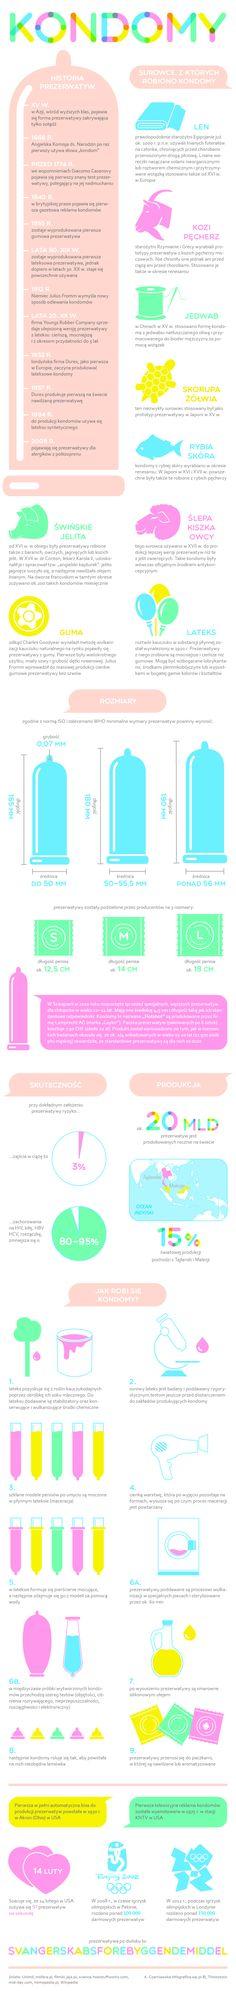 Korzystanie ze źle dopasowanej prezerwatywy nie tylko zmniejsza przyjemność z seksu dla obojga partnerów, ale także podnosi ryzyko infekcji oraz nieplanowanej ciąży.